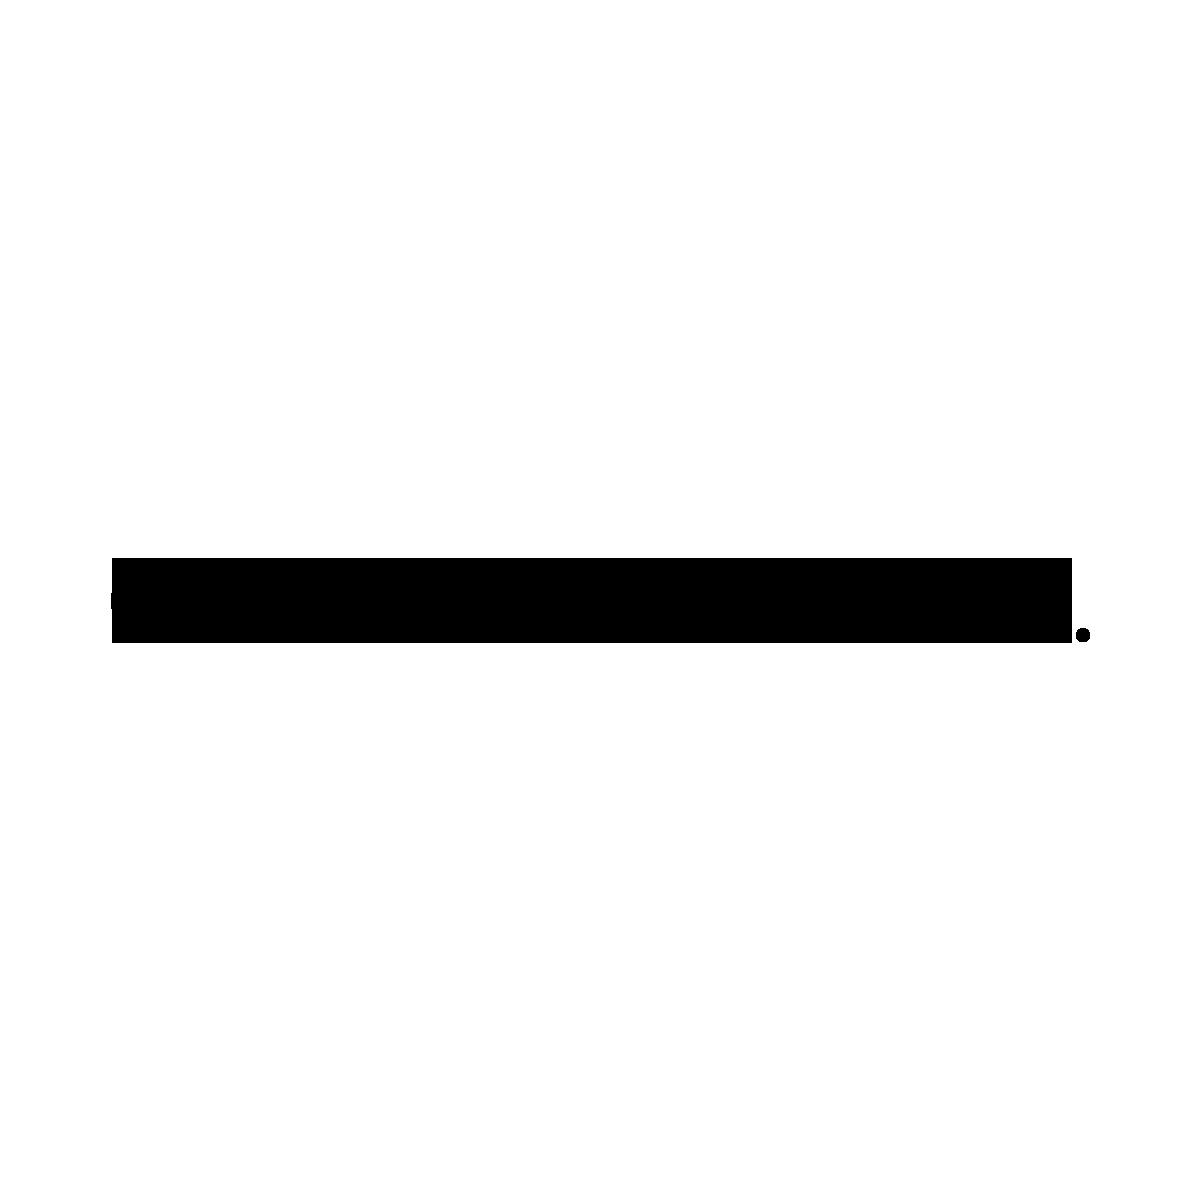 Sneaker-perforiertes-Leder-Weiß-Blau